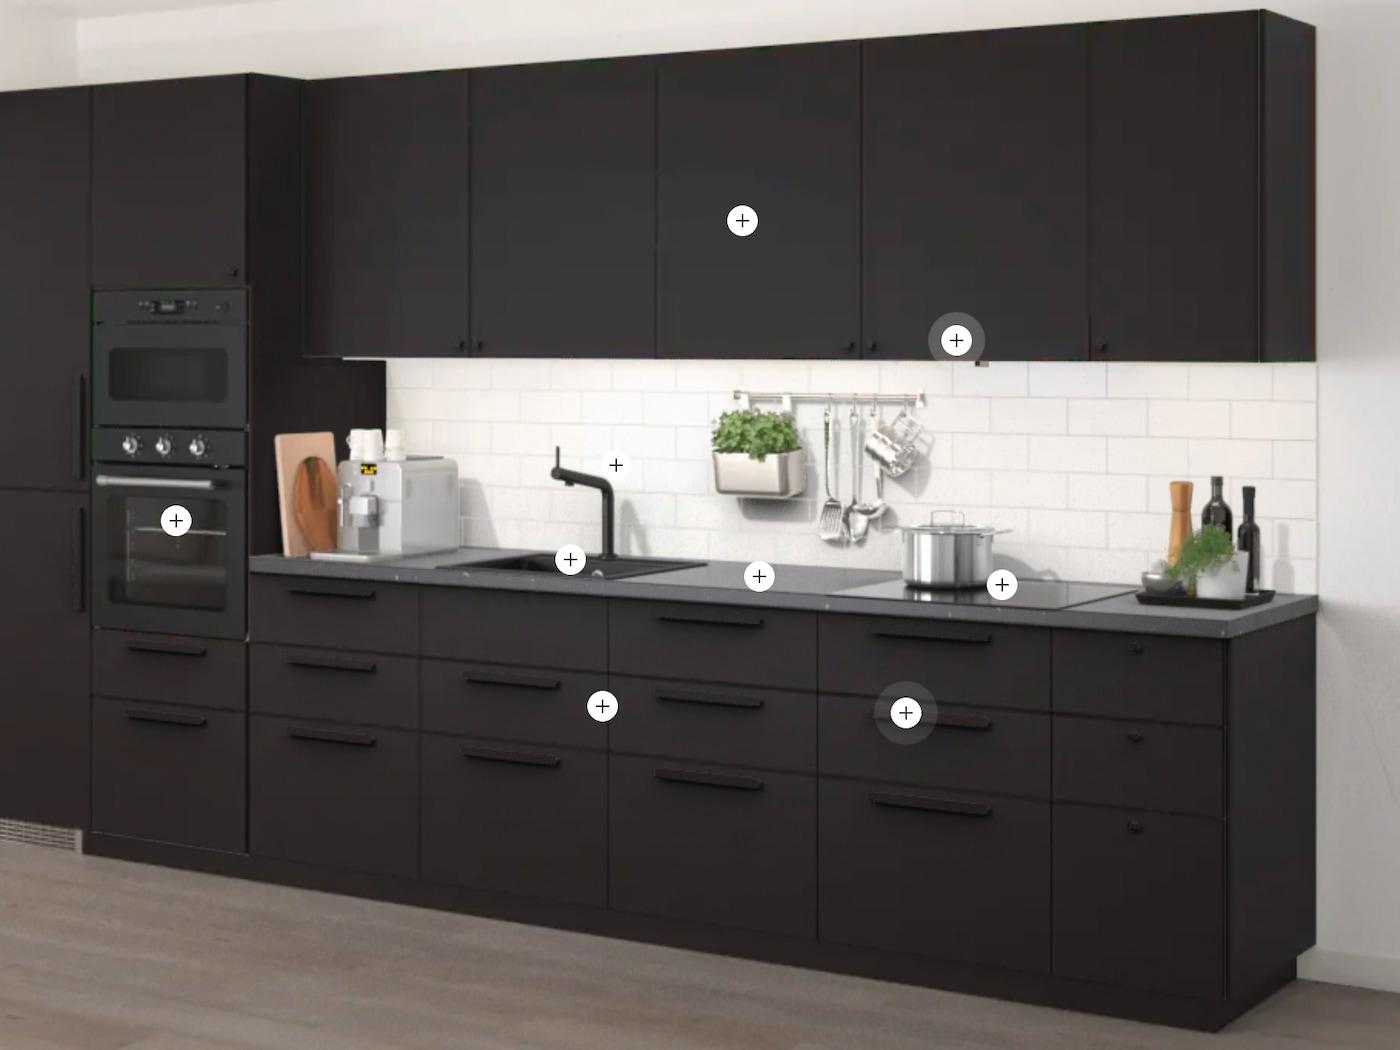 Skärmavbildning av verktyget Interaktiva kök.